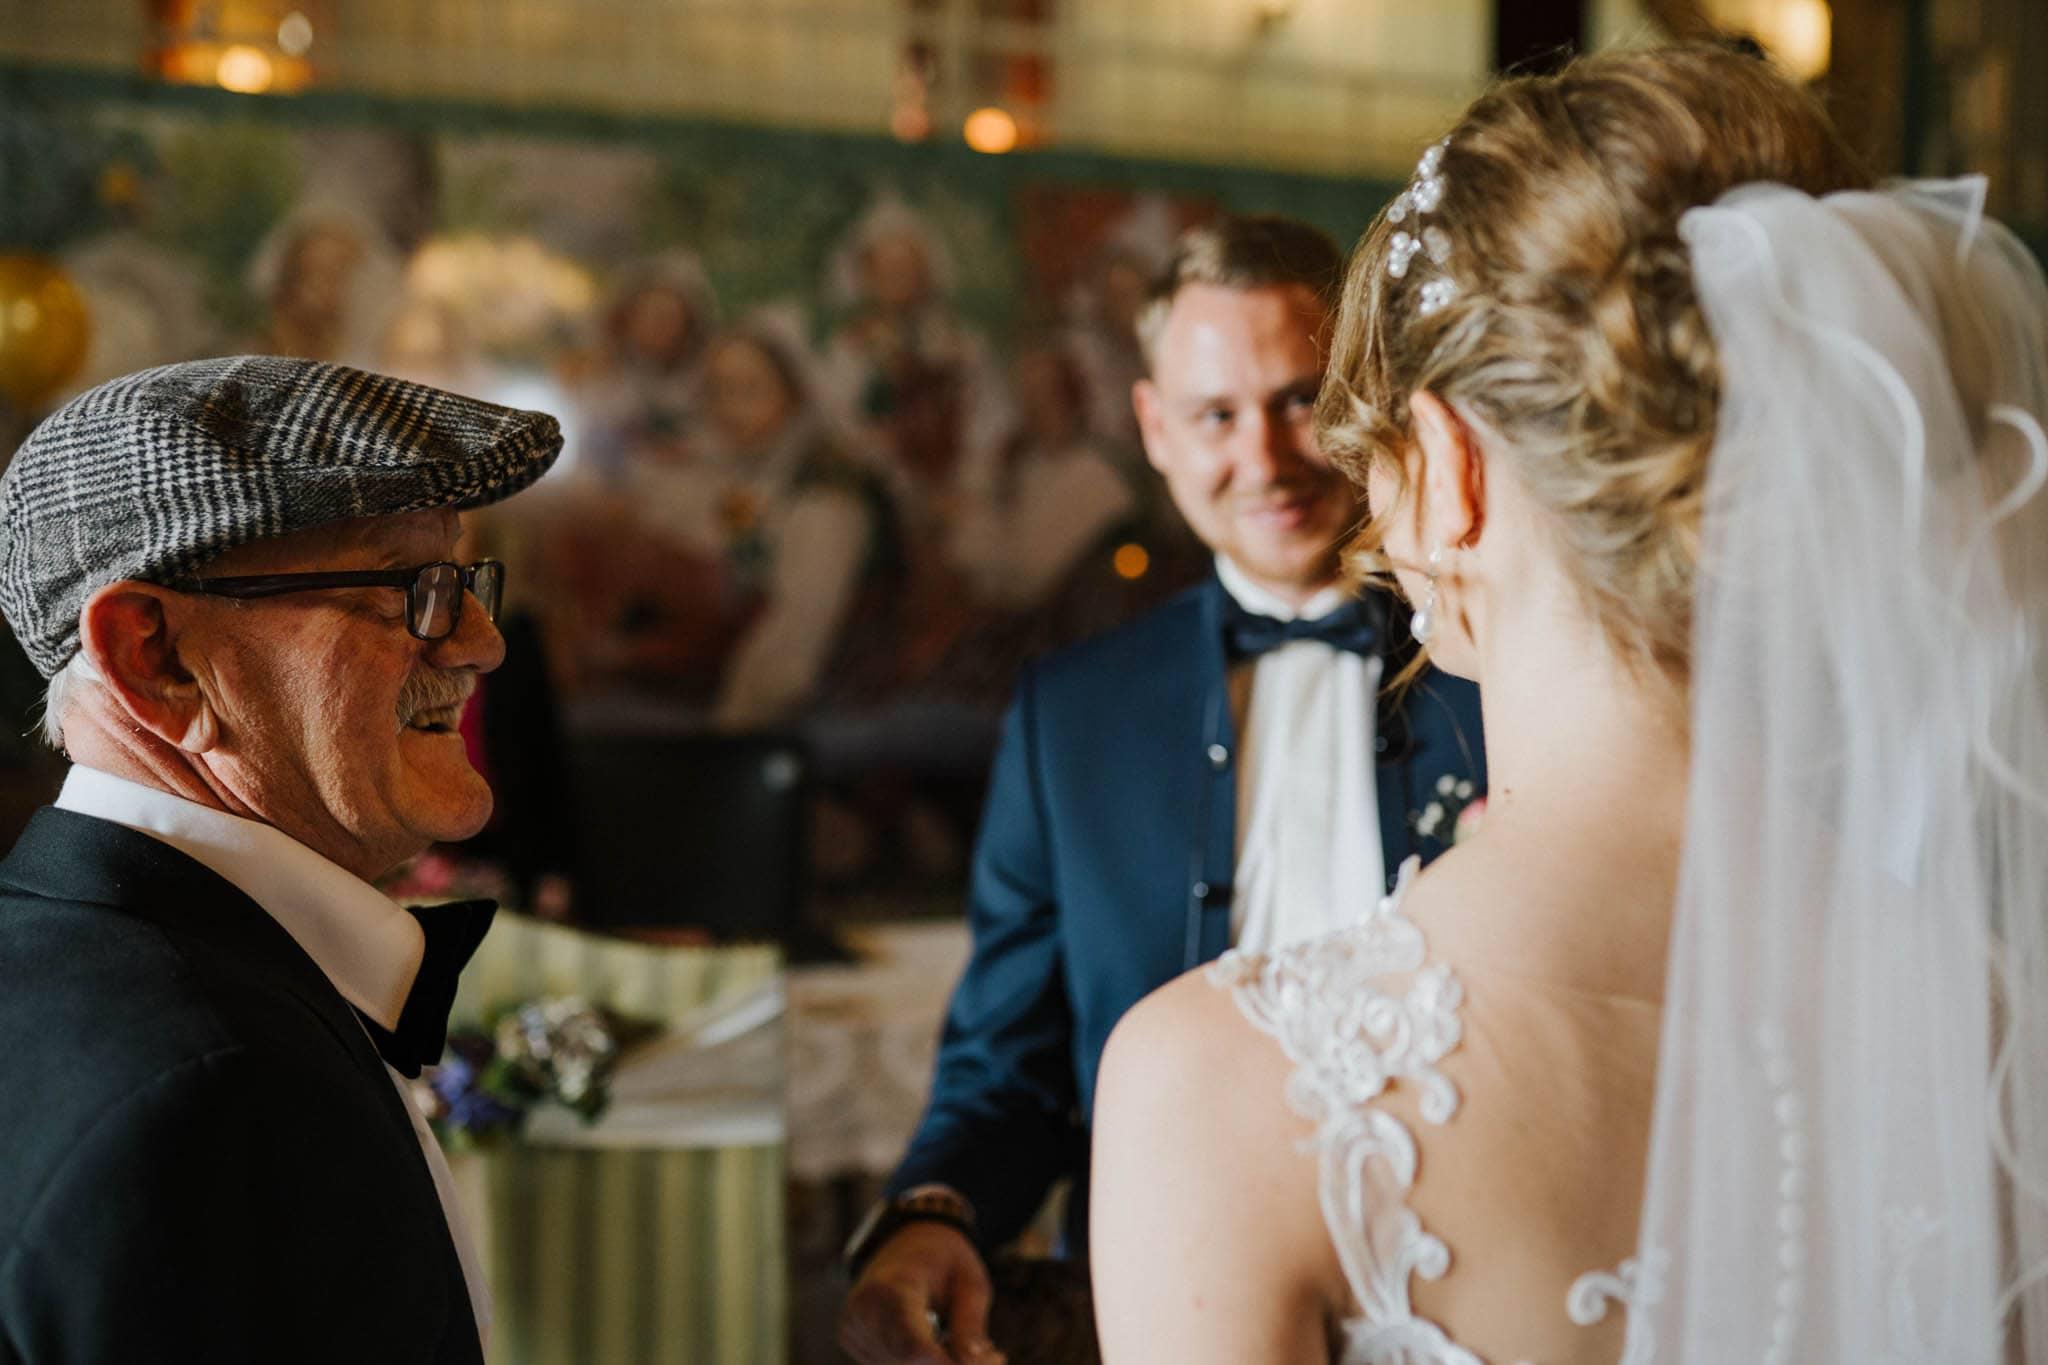 Hochzeitsfieber by Photo-Schomburg, Hoichzeitsfotograf, Hamburg, Wedding, Weddingtime, Hochzeitspaar, Braut, Bräutigam, Hochzeit im Norden,-41